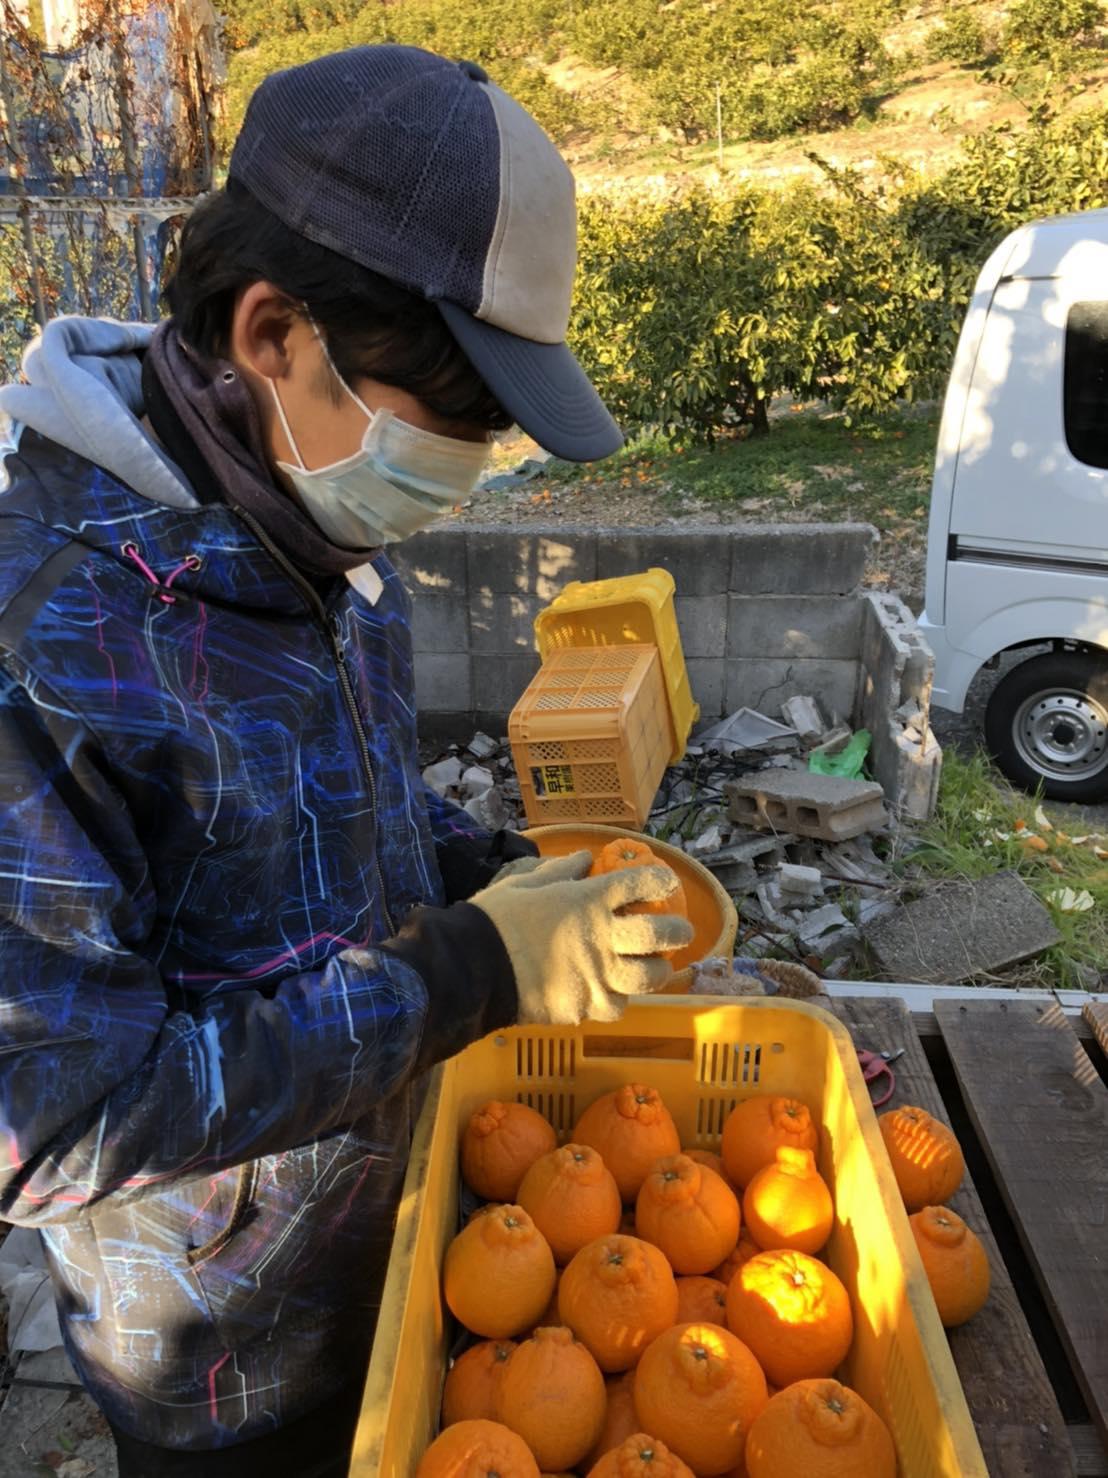 収穫したしらぬいを真剣にみつめる古田さん。 今年の出来栄えは?